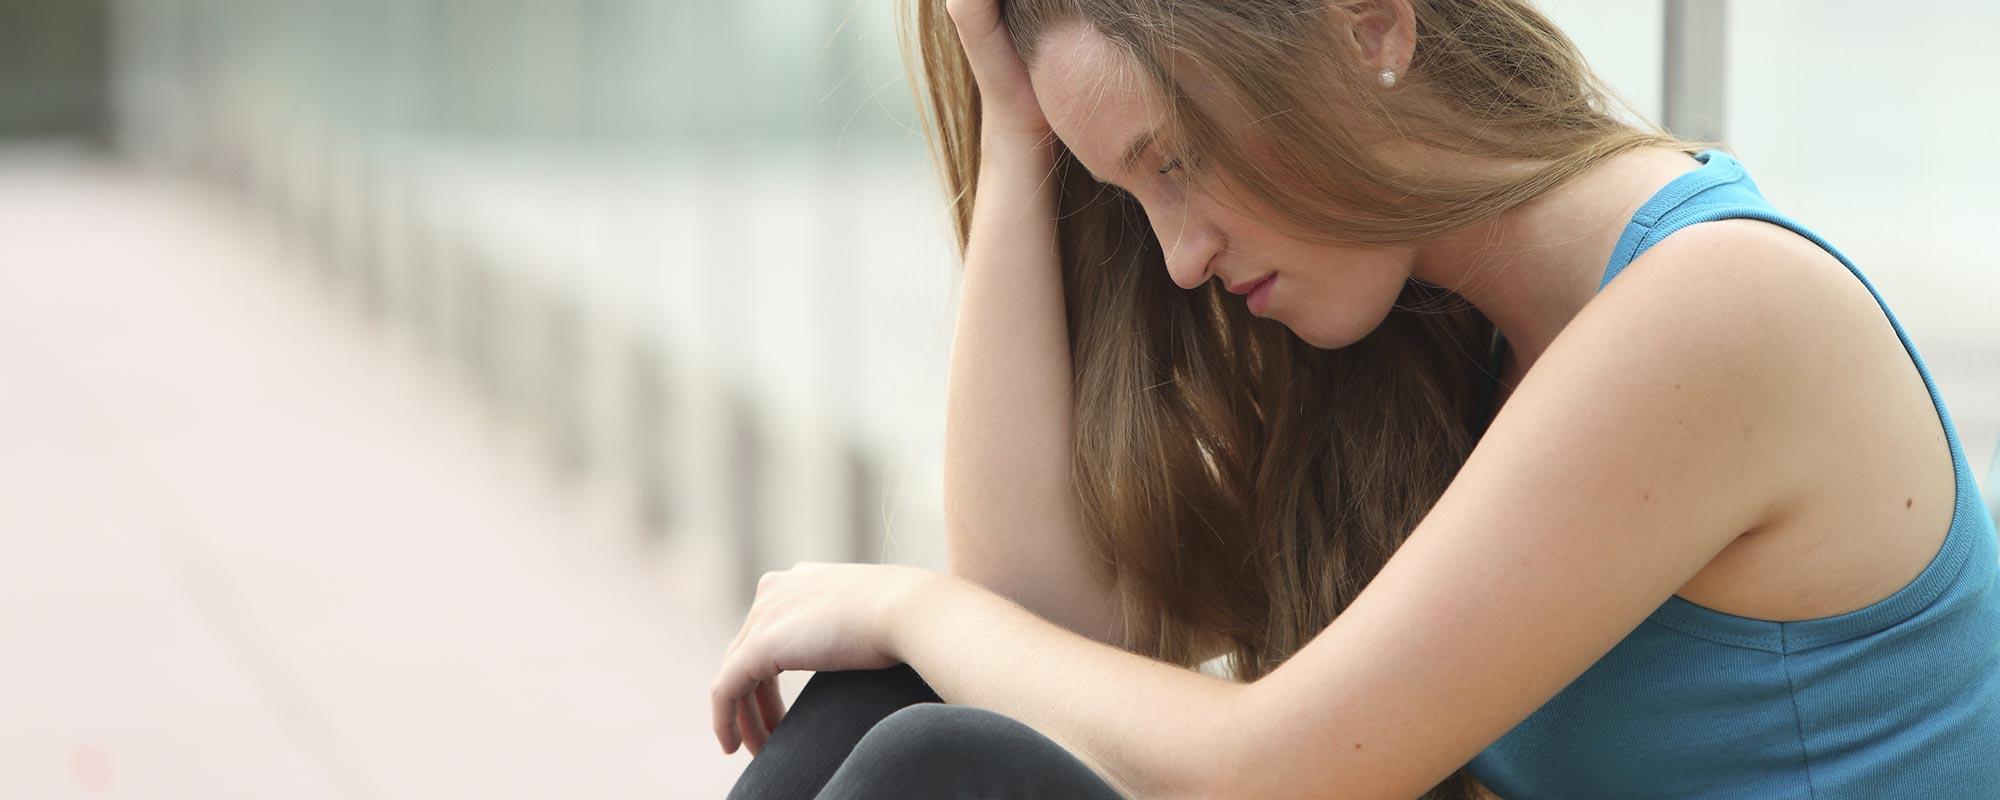 ayuda psicológica para adolescentes y niños